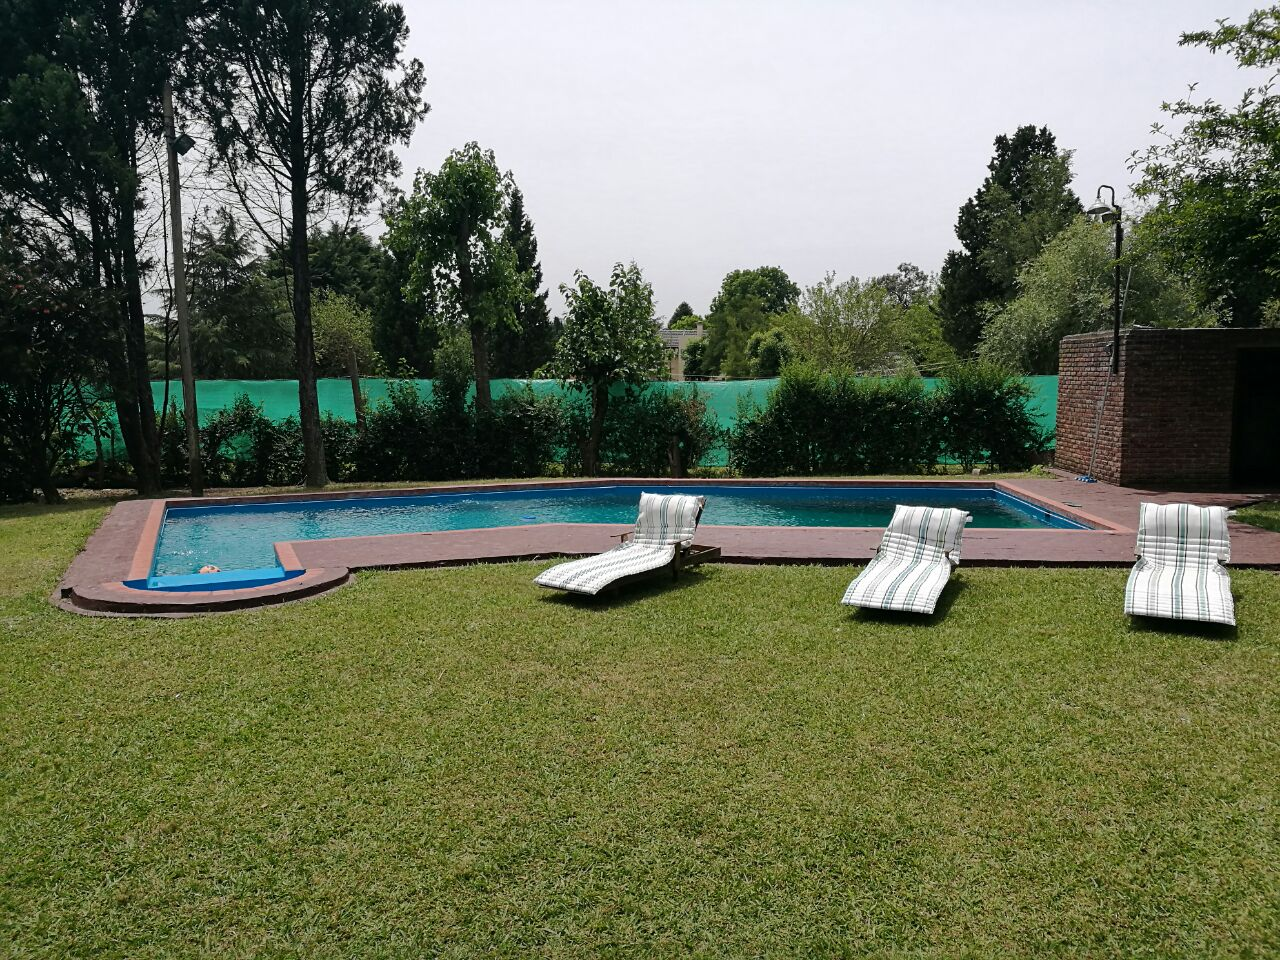 Quinta en alquiler temporario Barrio Parque La Celia